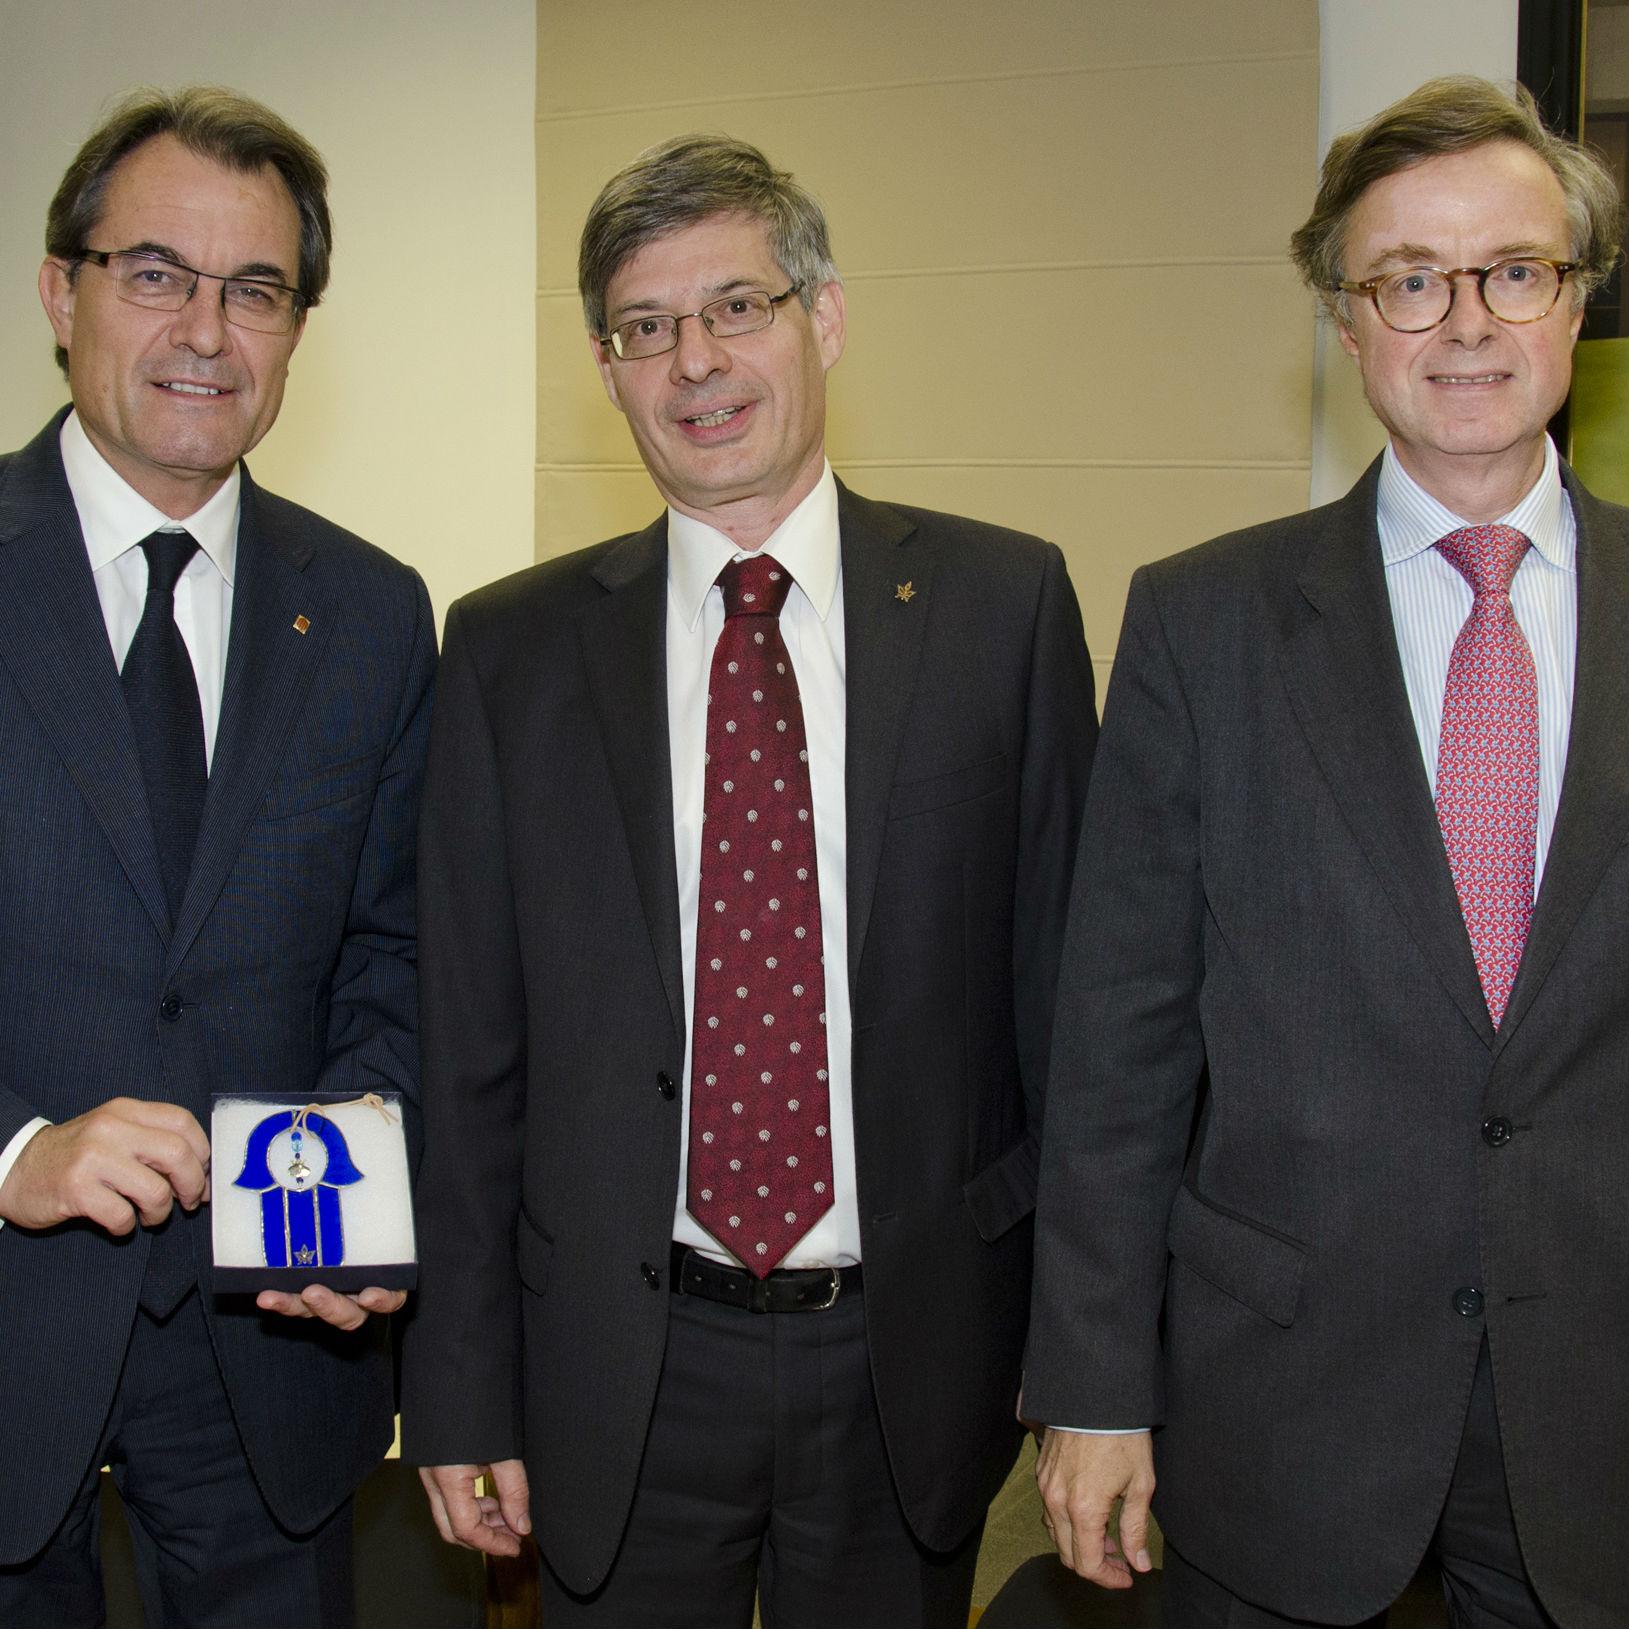 הסכם לשיתוף פעולה מחקרי נחתם עם האוניברסיטאות של קטלוניה